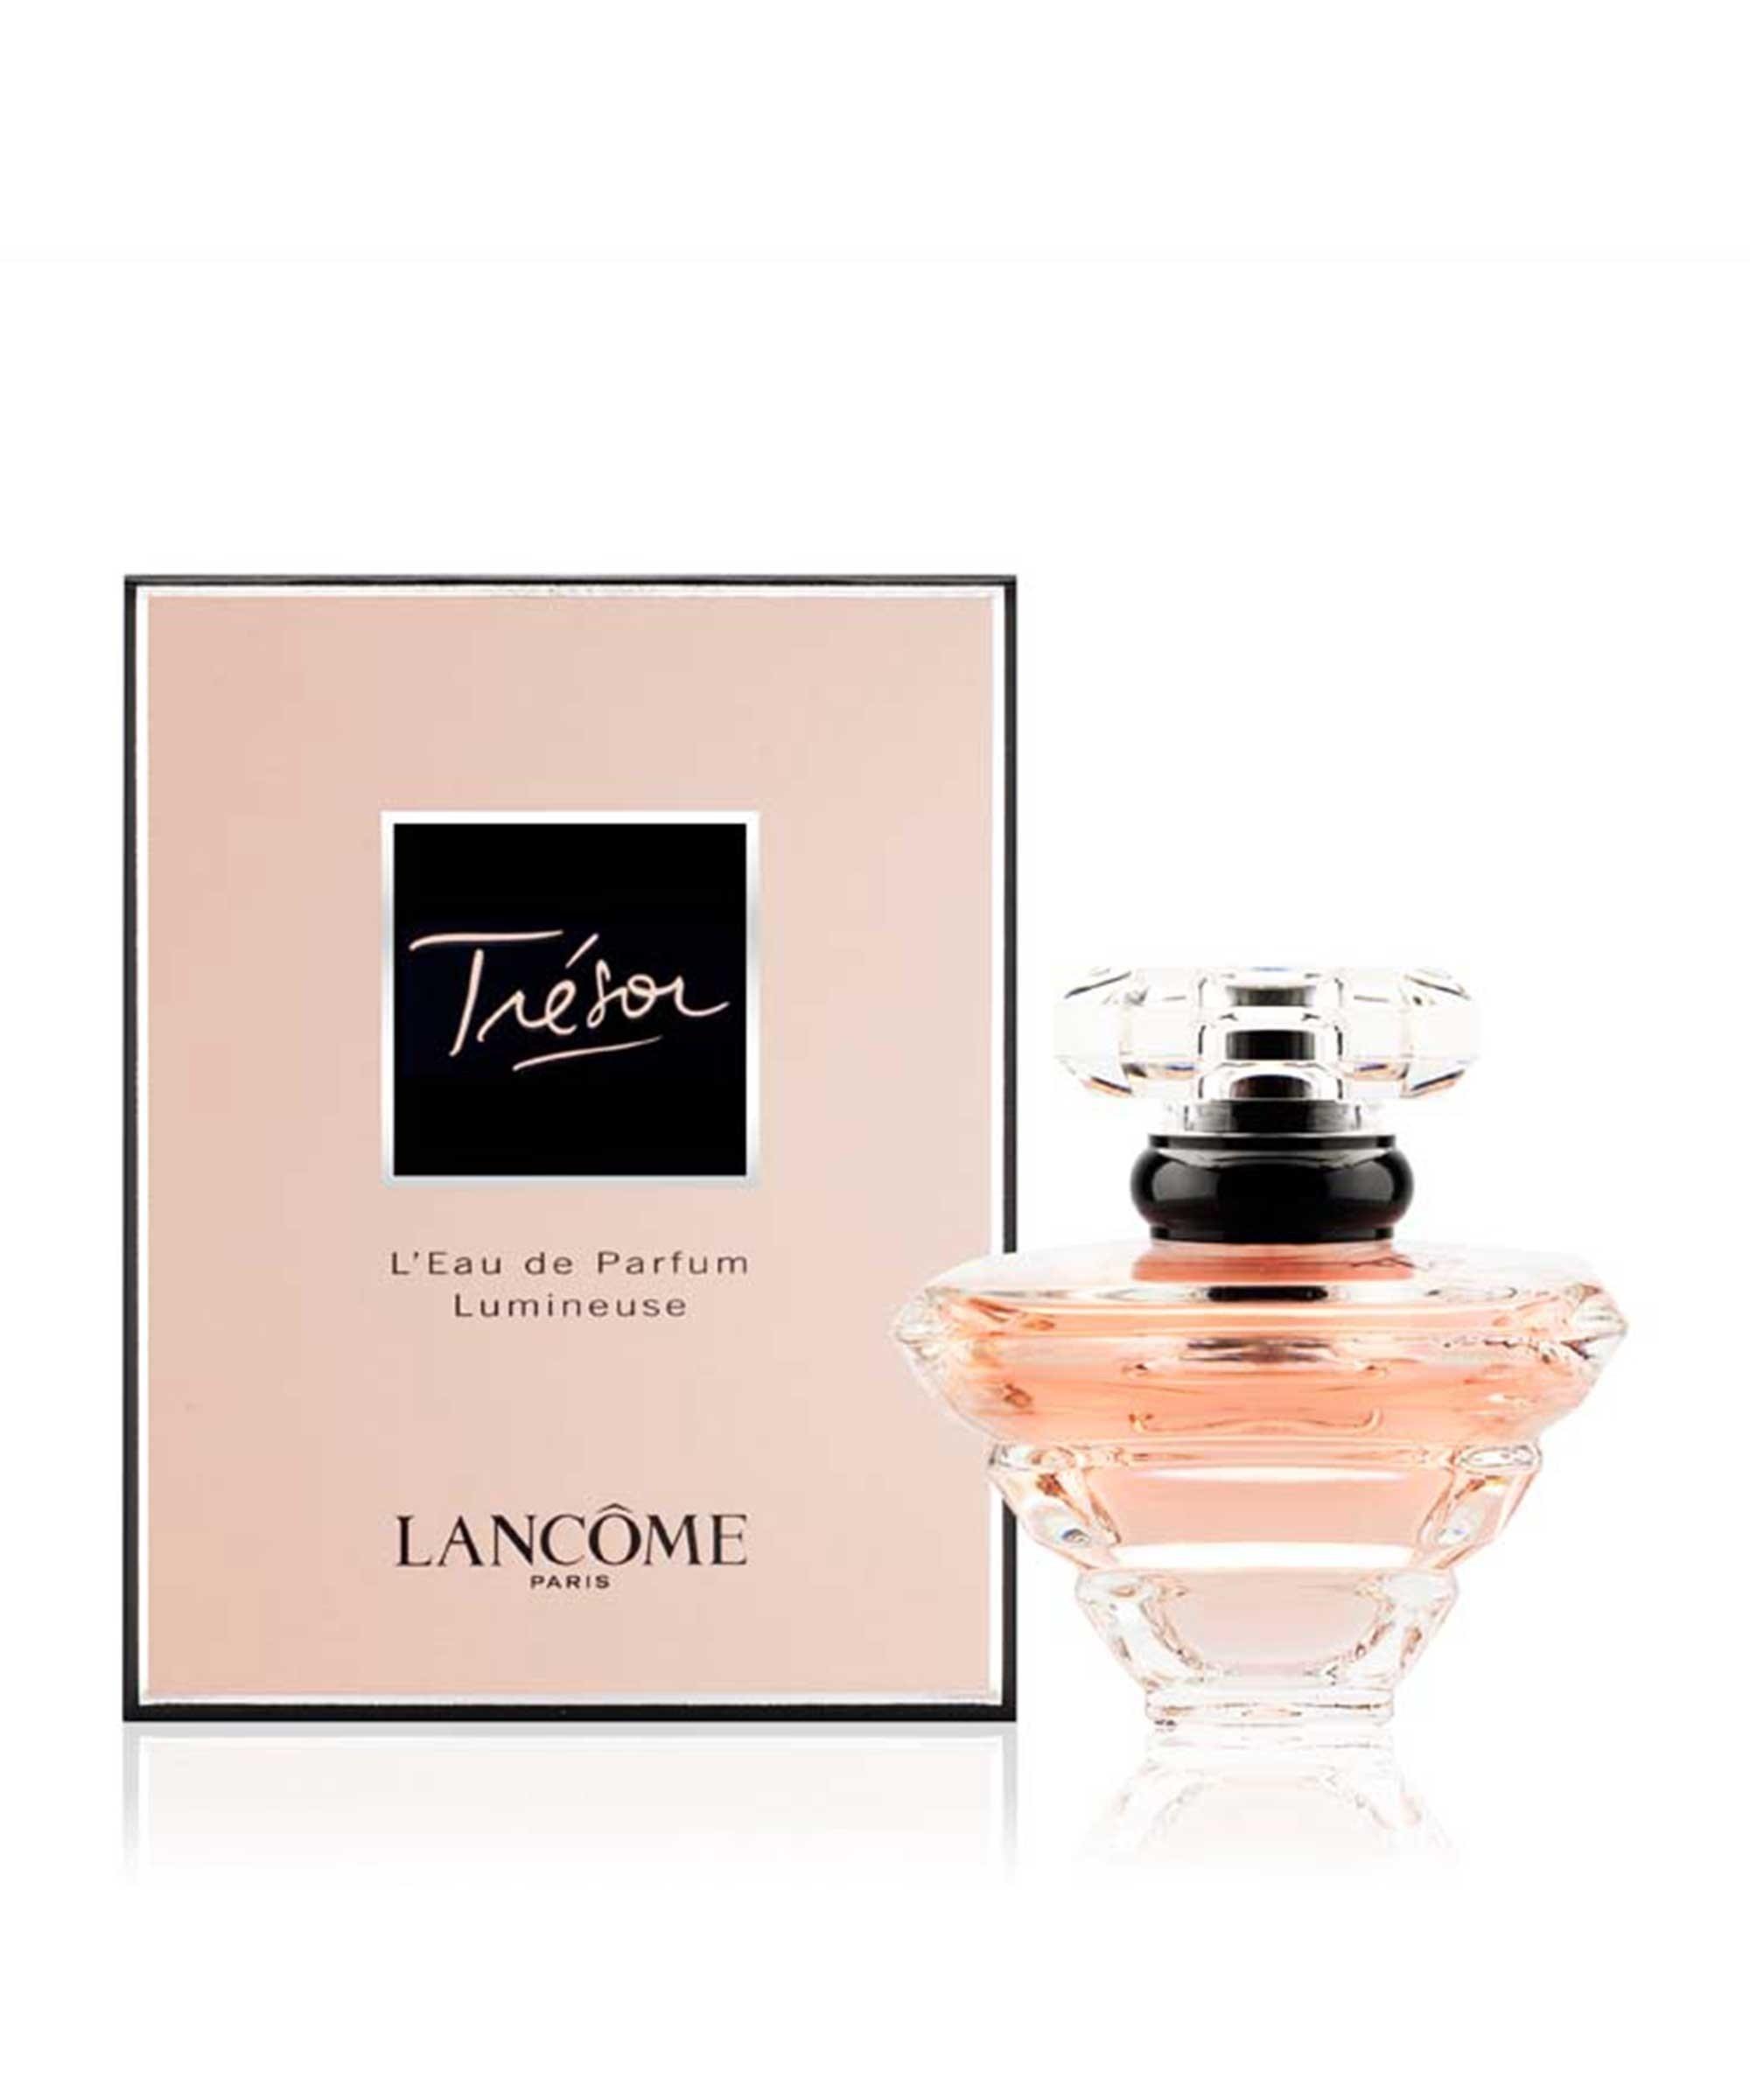 Lancome Tresor Lumineuse parfémová voda